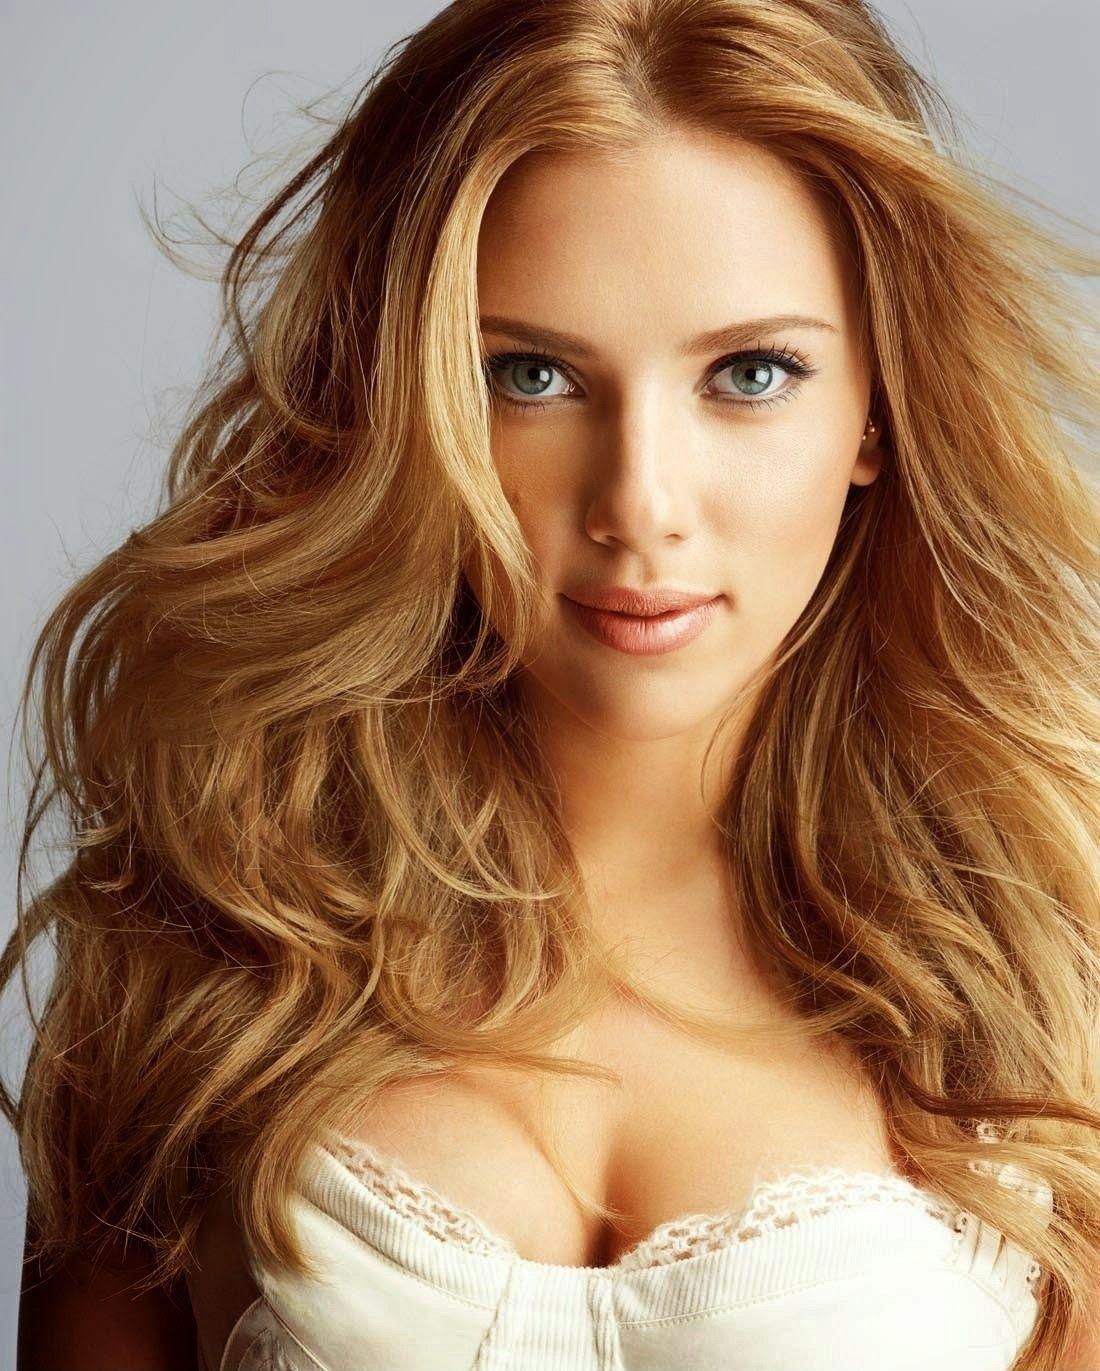 cheveux caramel dor recherche google cheveux 2 pinterest search google and caramel - Coloration Blond Dor